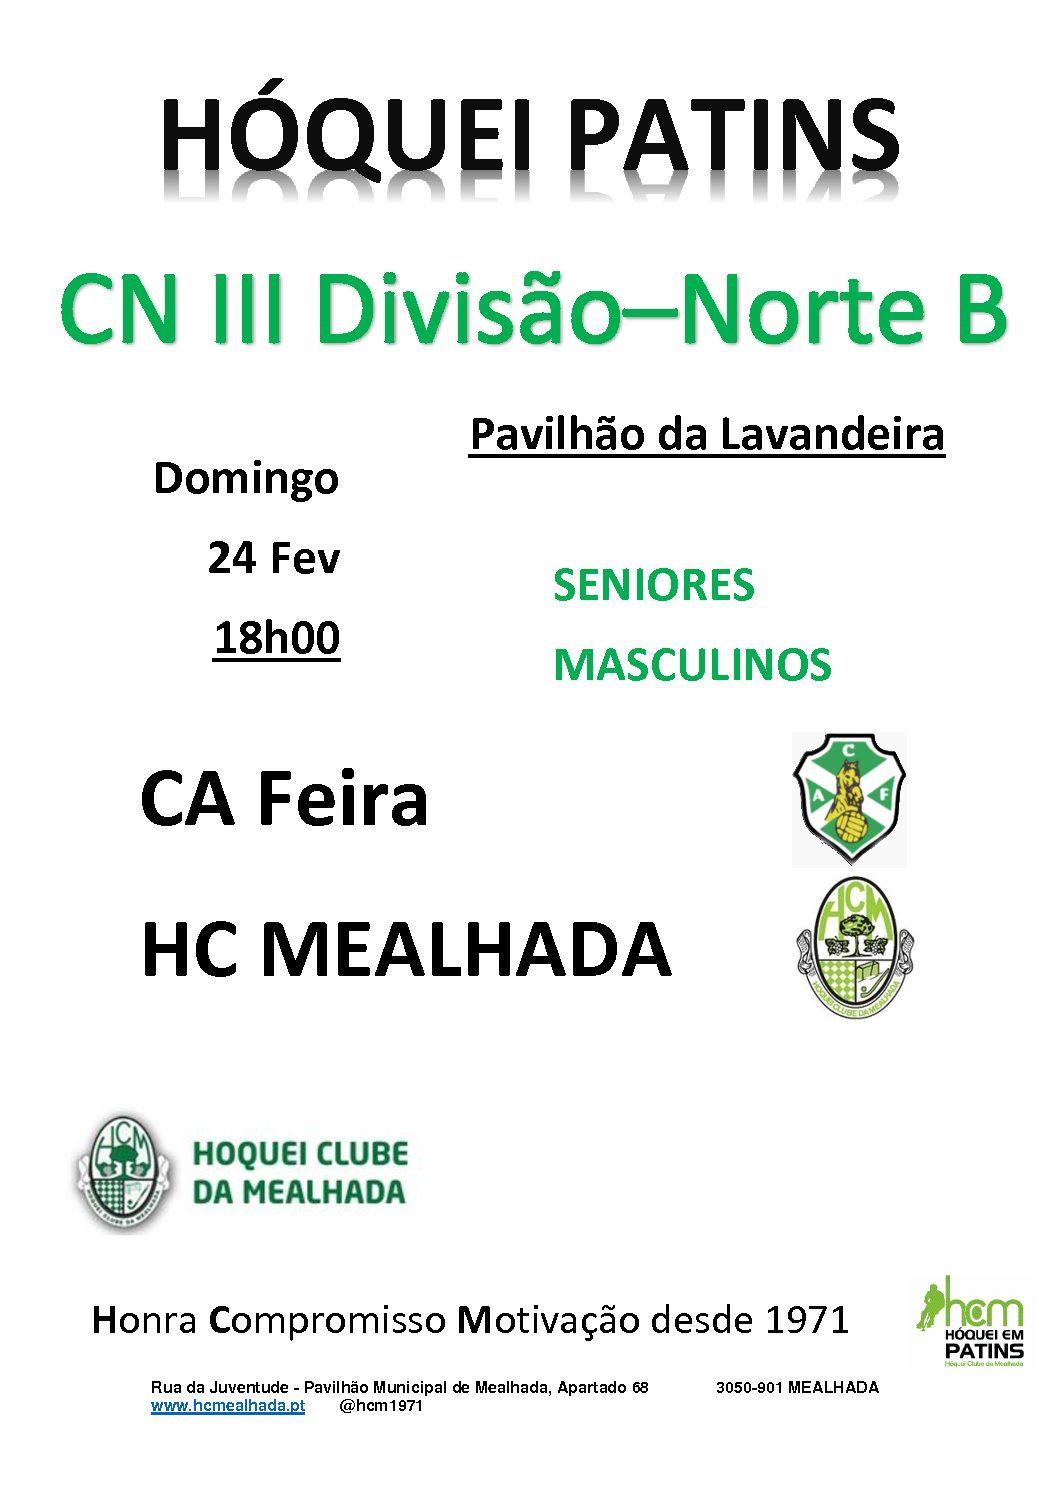 Séniores do HCM jogam em Vila da Feira no próximo Domingo